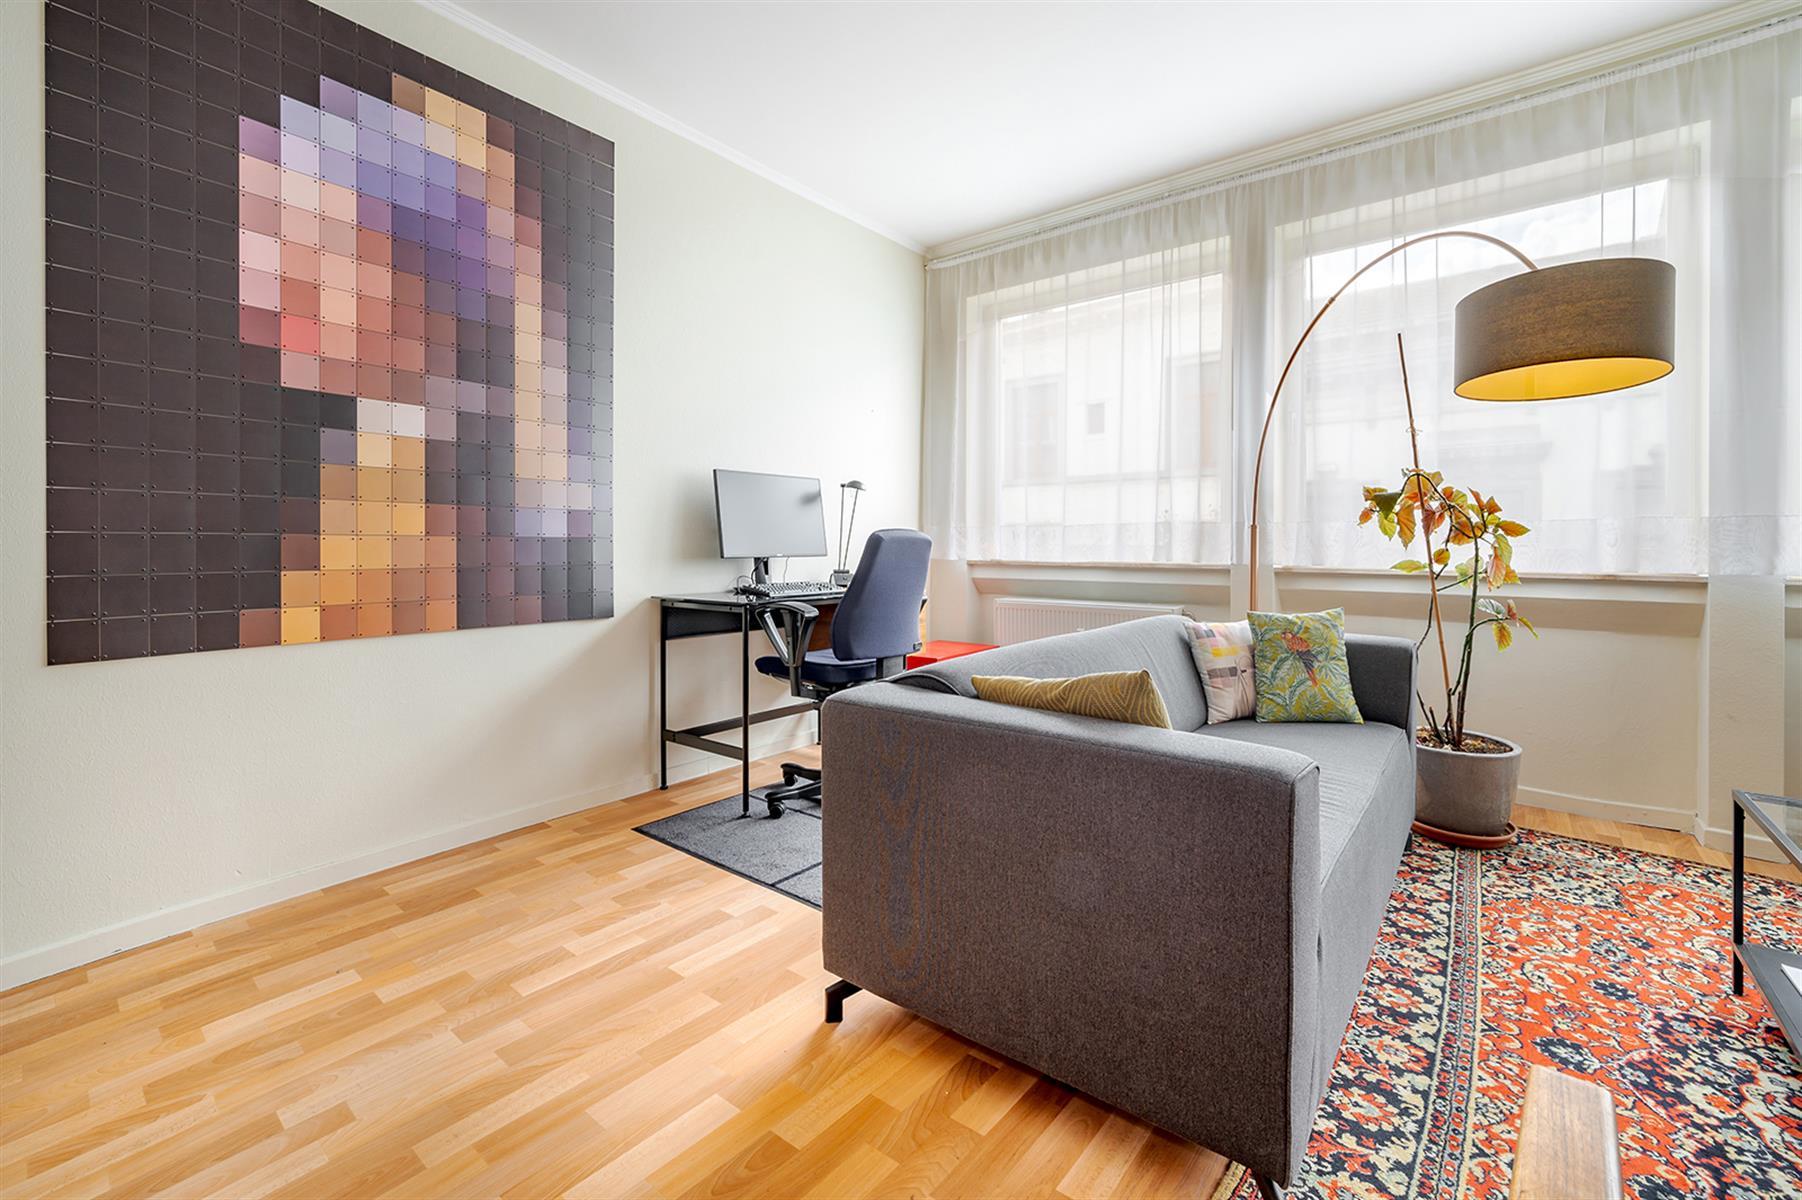 Appartement - Liege - #4372076-1